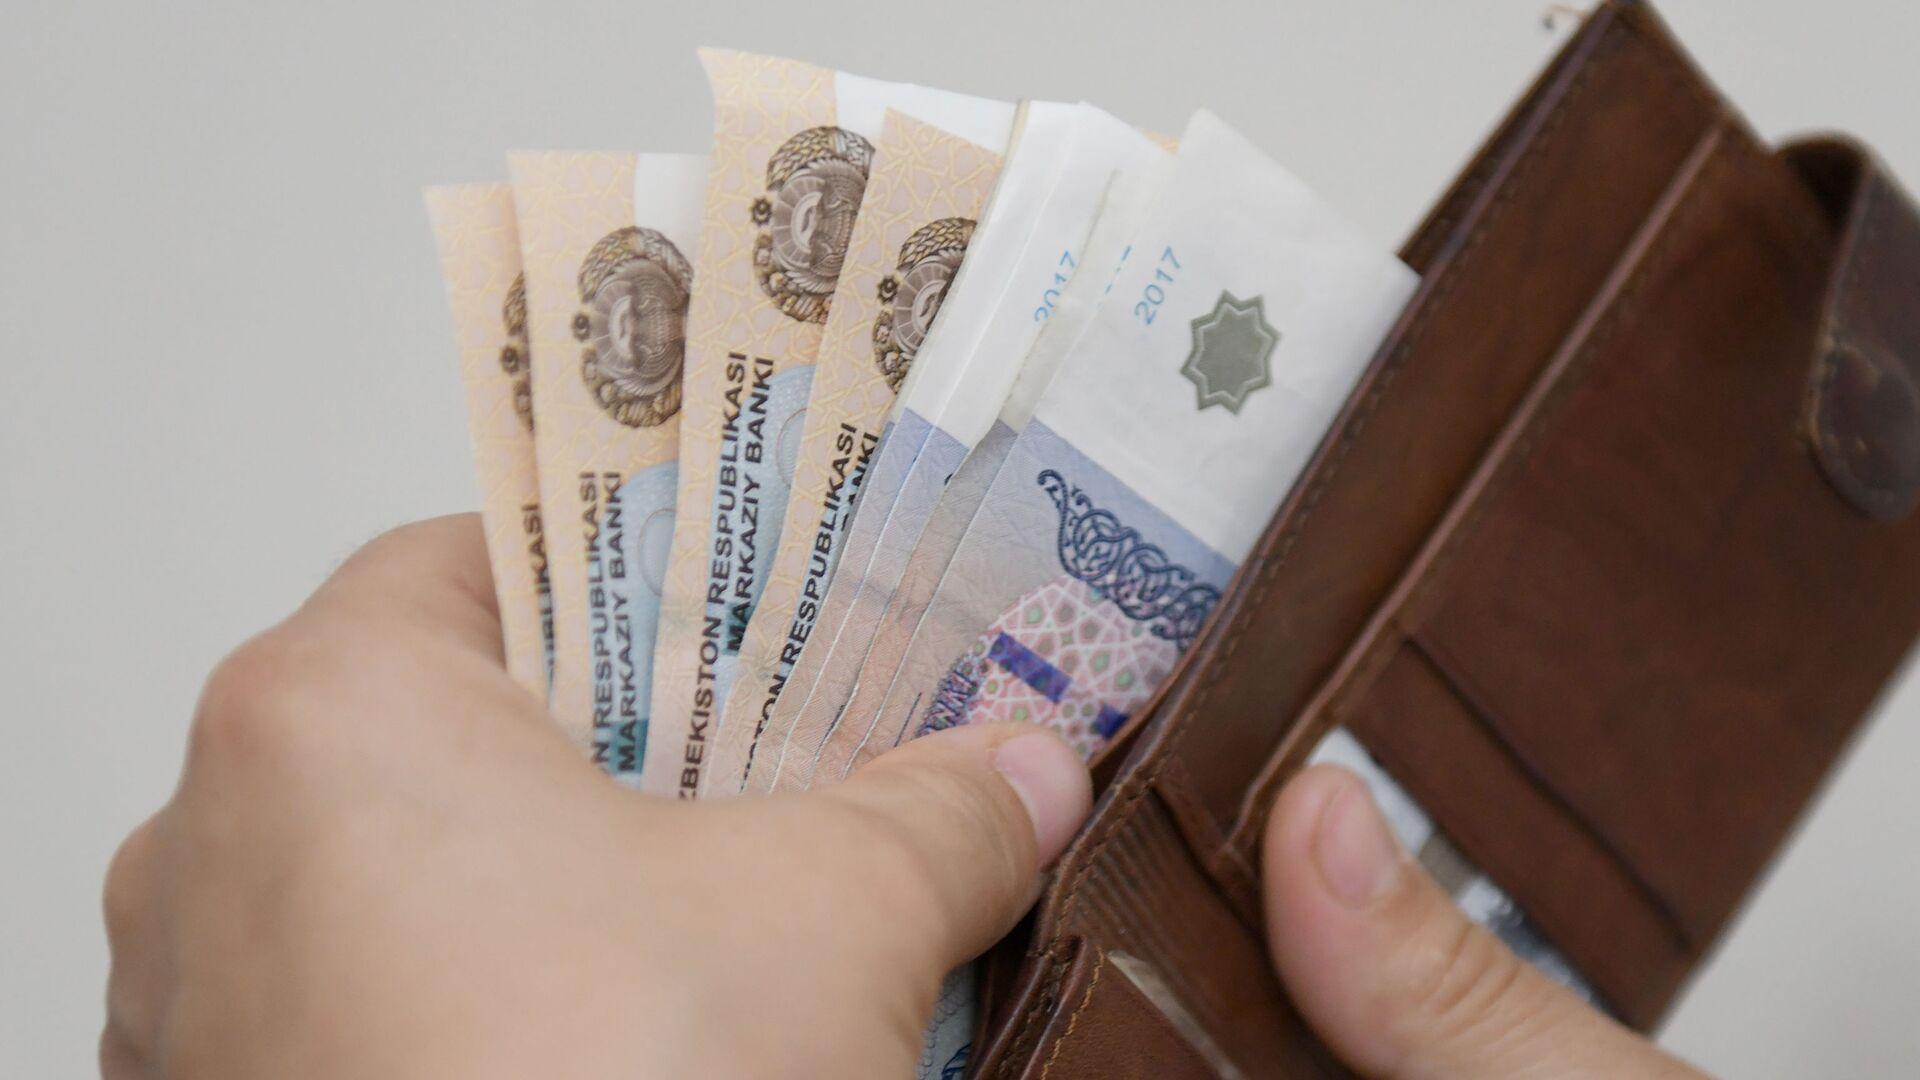 Национальная валюта Узбекистана — сум - Sputnik Узбекистан, 1920, 27.07.2021